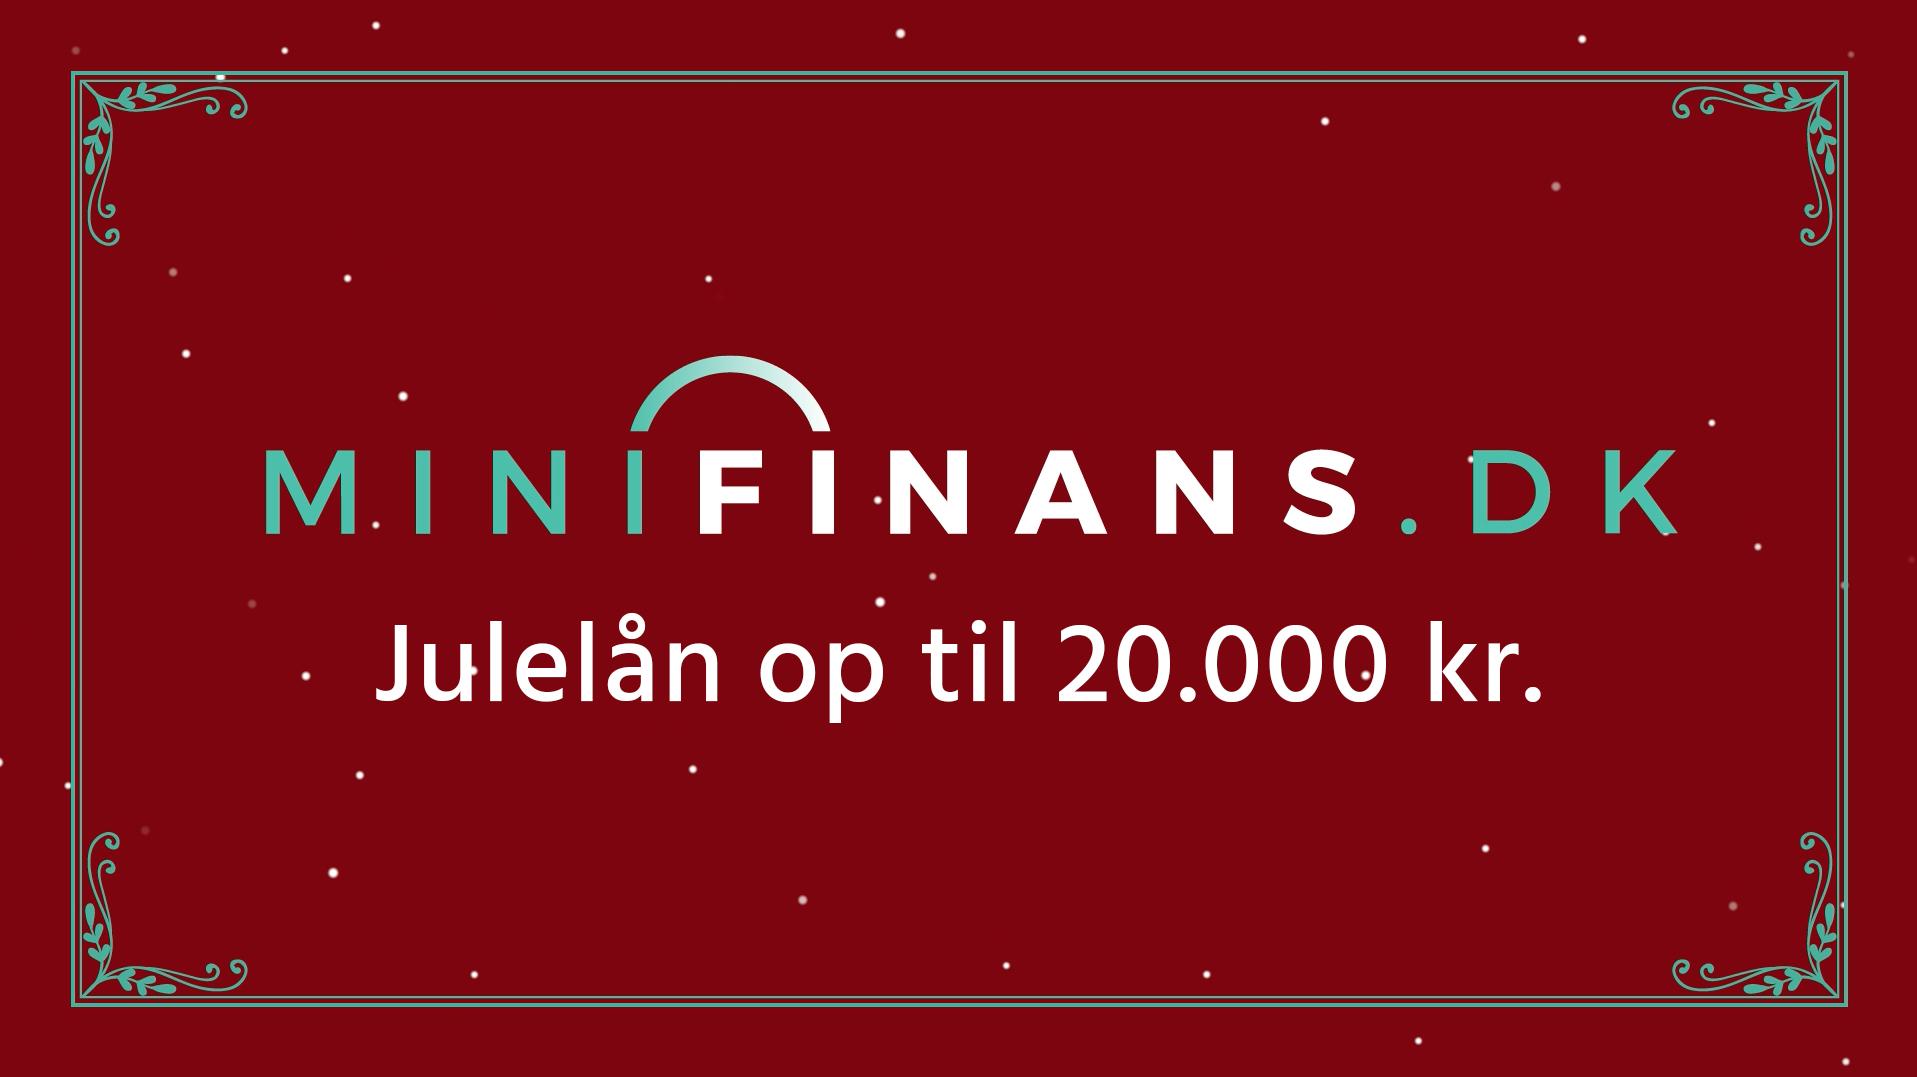 Minifinans.dk - Julelån op til 20.000 kr.